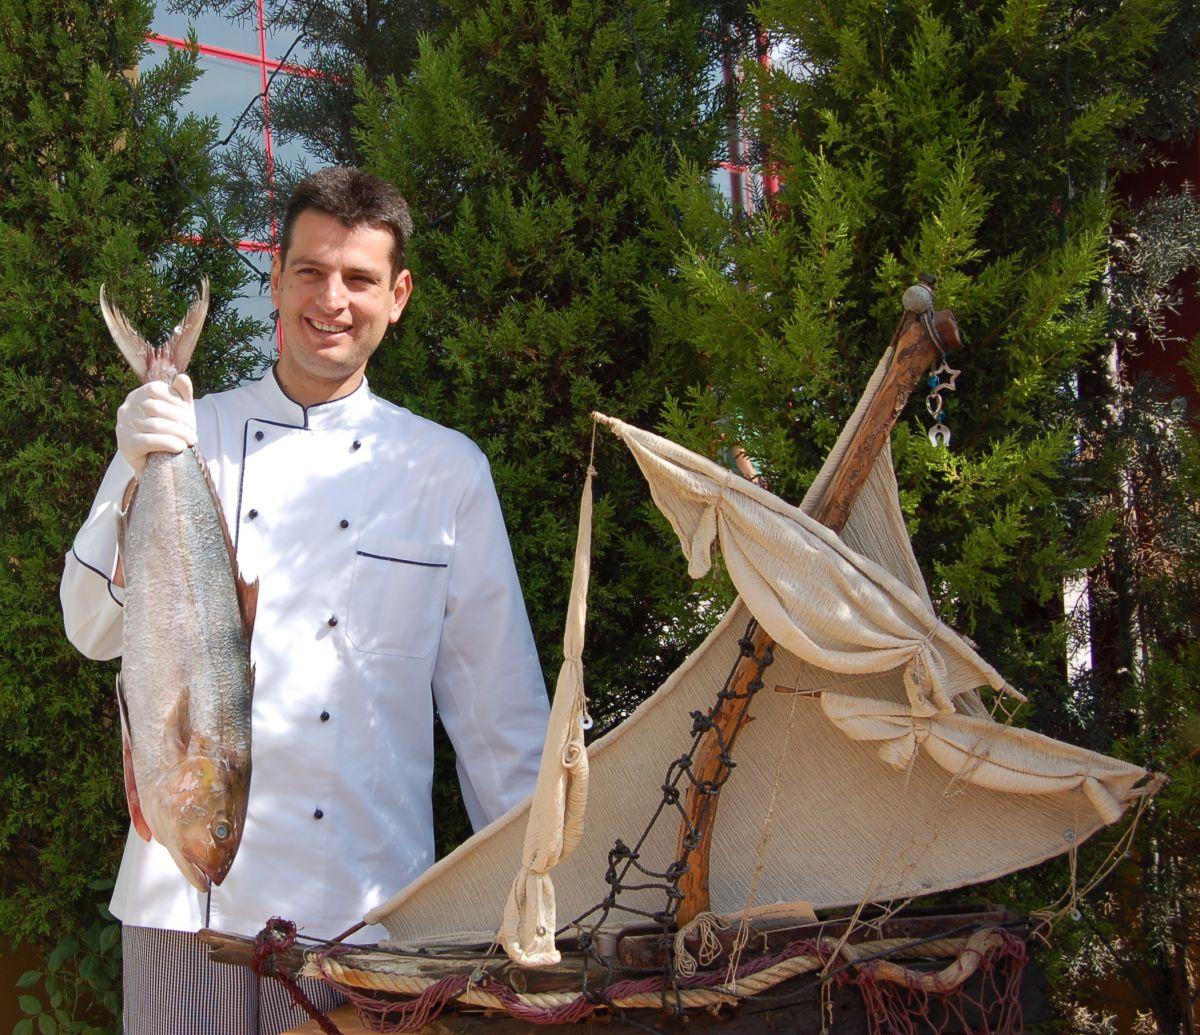 Τα ψάρια μας - Φαγκρί Παγασητικού